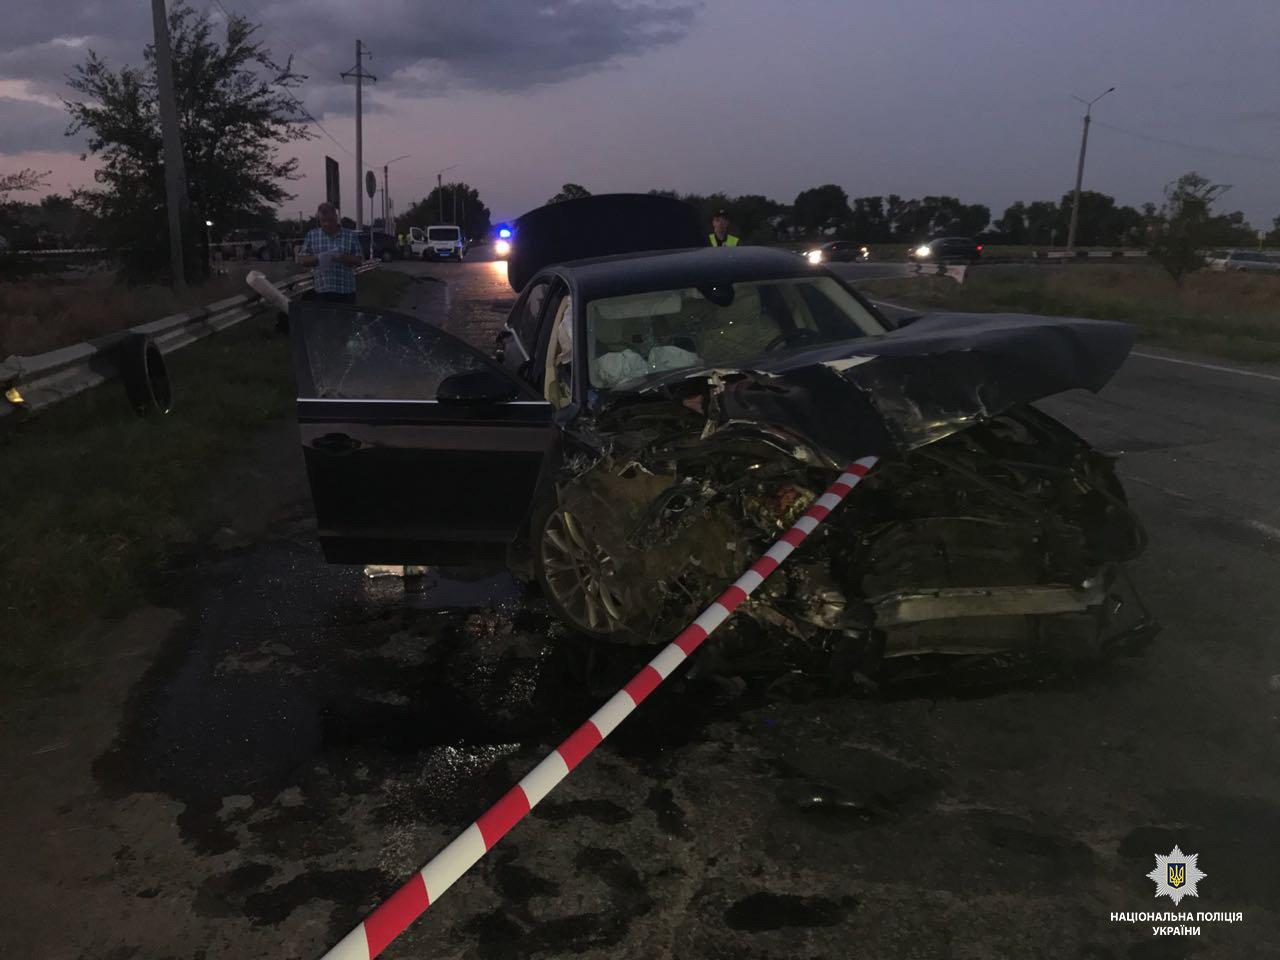 Задержали водителя иномарки, который спровоцировал смертельное ДТП с автобусом под Днепром, - ФОТО, фото-1